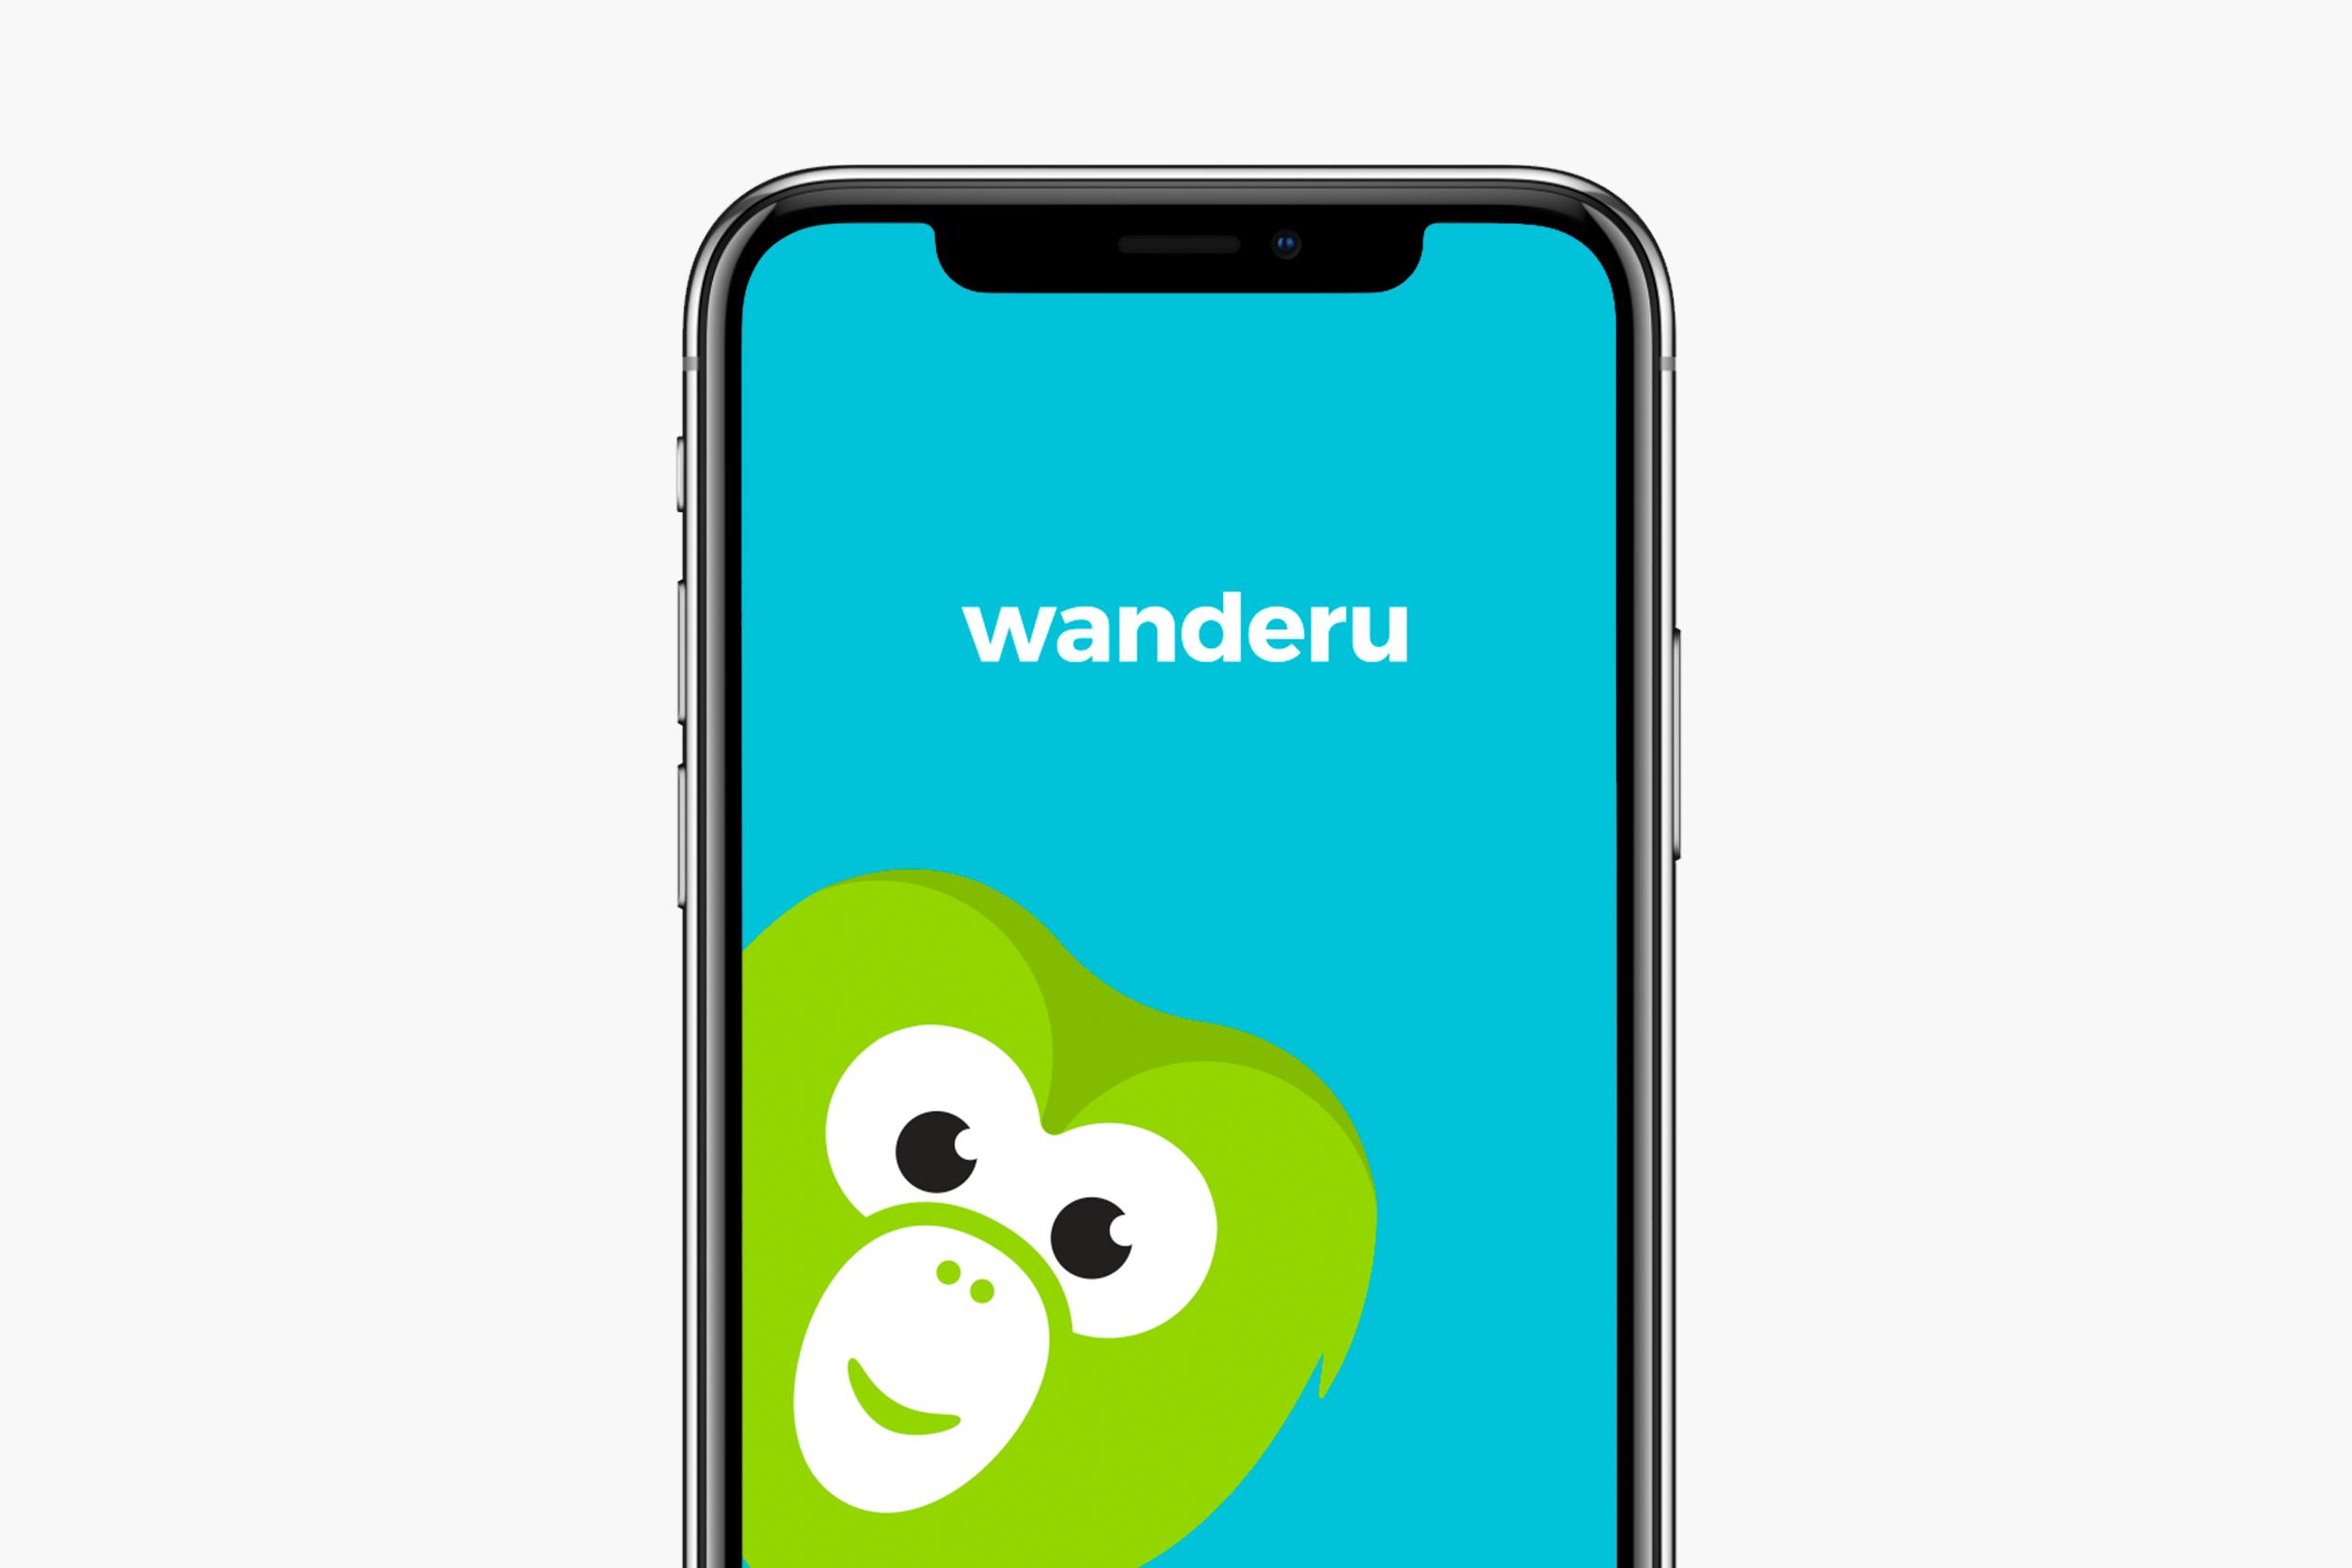 Wanderu app design for iOS